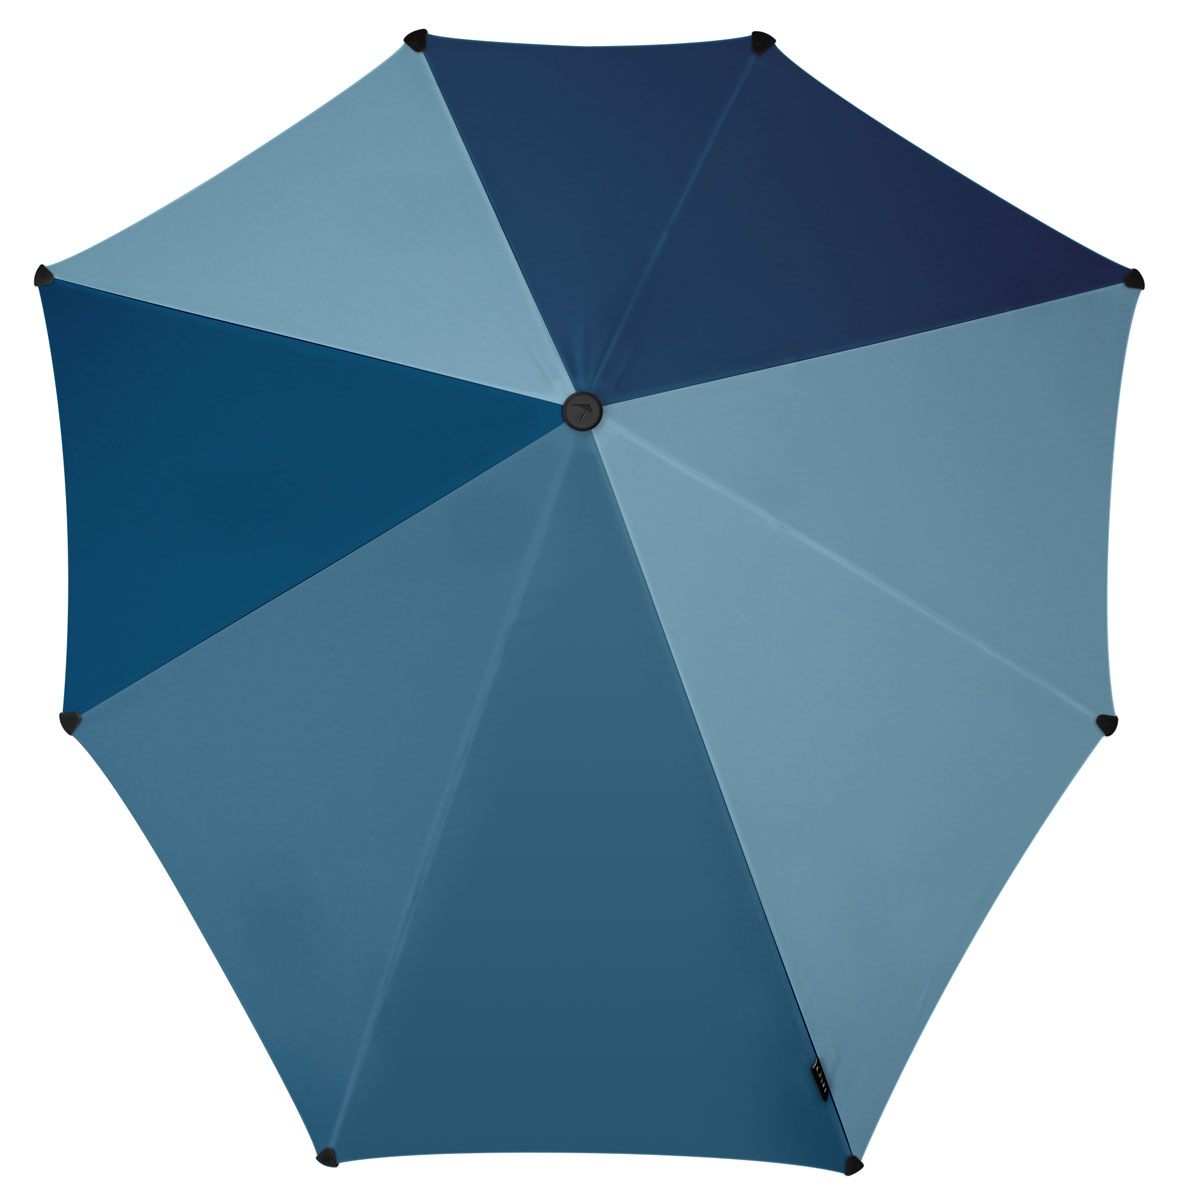 Зонт-трость Senz, цвет: темно-синий. 2011082Колье (короткие одноярусные бусы)Инновационный противоштормовый зонт, выдерживающий любую непогоду. Входит в коллекцию global playground, разработанную в соответствии с современными течениями fashion-индустрии. Вдохновением для дизайнеров стали улицы городов по всему земному шару. На новых принтах вы встретите уникальный микс всего, что мы открываем для себя во время путешествий: разнообразие оттенков, цветов, теней, линий и форм. Зонт Senz отлично дополнит образ, подчеркнет индивидуальность и вкус своего обладателя.Форма купола продумана так, что вы легко найдете самое удобное положение на ветру – без паники и без борьбы со стихией. Закрывает спину от дождя. Благодаря своей усовершенствованной конструкции, зонт не выворачивается наизнанку даже при сильном ветре. Модель Senz Original выдержала испытания в аэротрубе со скоростью ветра 100 км/ч. Характеристики:- тип — трость- выдерживает порывы ветра до 100 км/ч- УФ-защита 50+- удобная мягкая ручка- безопасные колпачки на кончиках спицах- в комплекте прочный чехол из плотной ткани с лямкой на плечо - гарантия 2 года